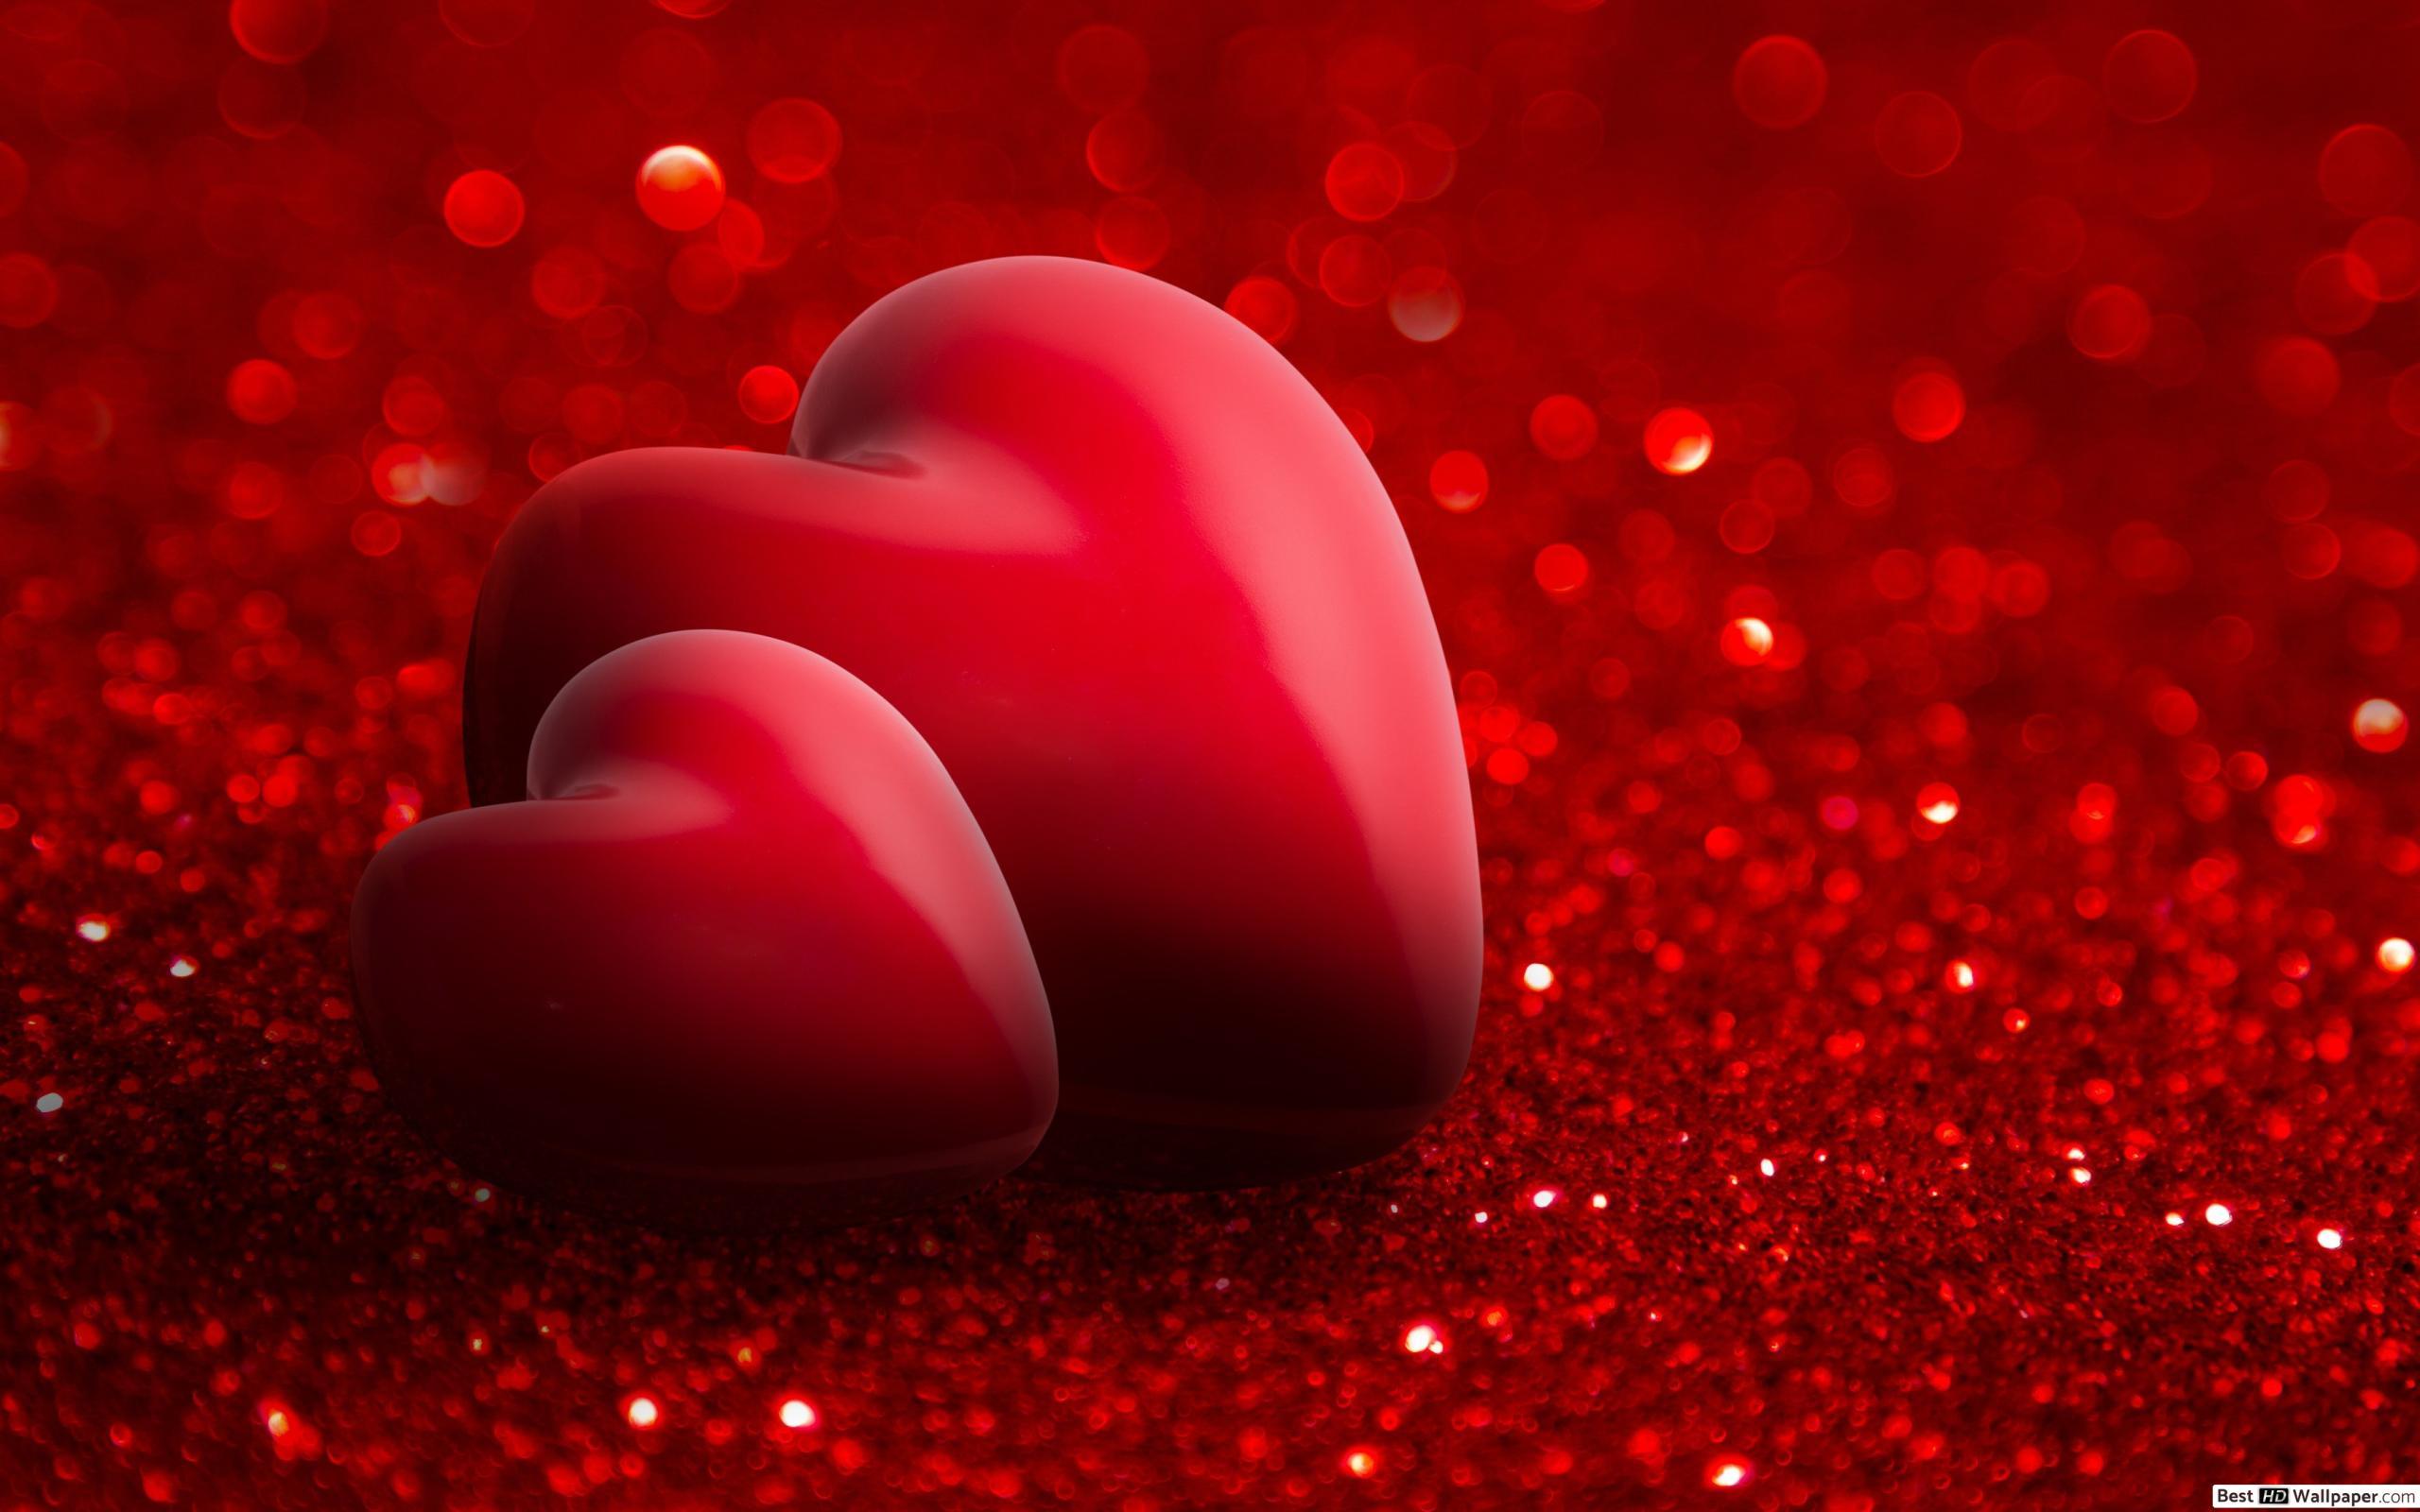 Valentinstag - Romantische Rote Herzen Hd Hintergrundbilder für Herz Bilder Kostenlos Herunterladen